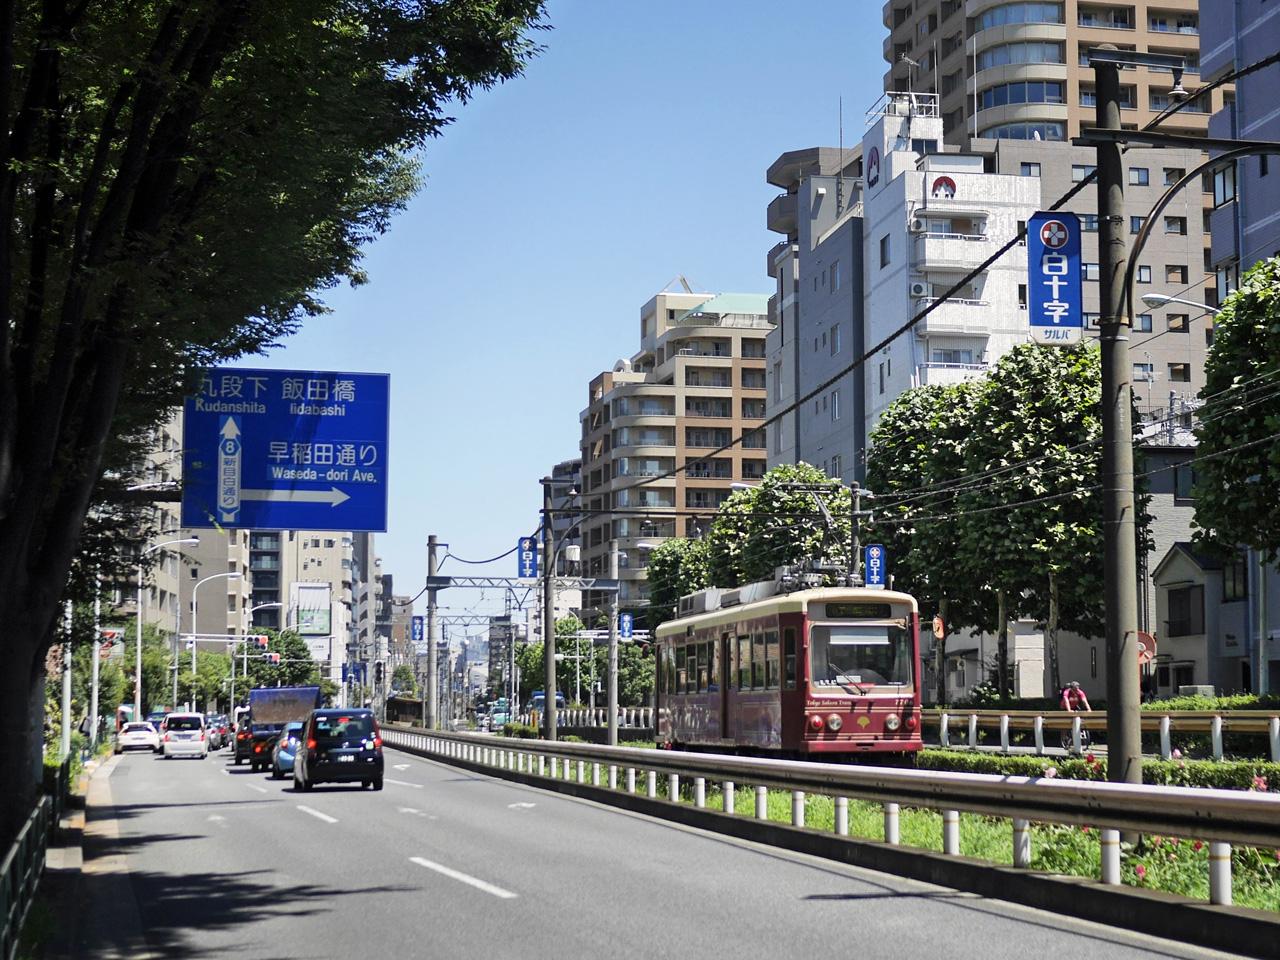 新目白通りで飯田橋へ向かう